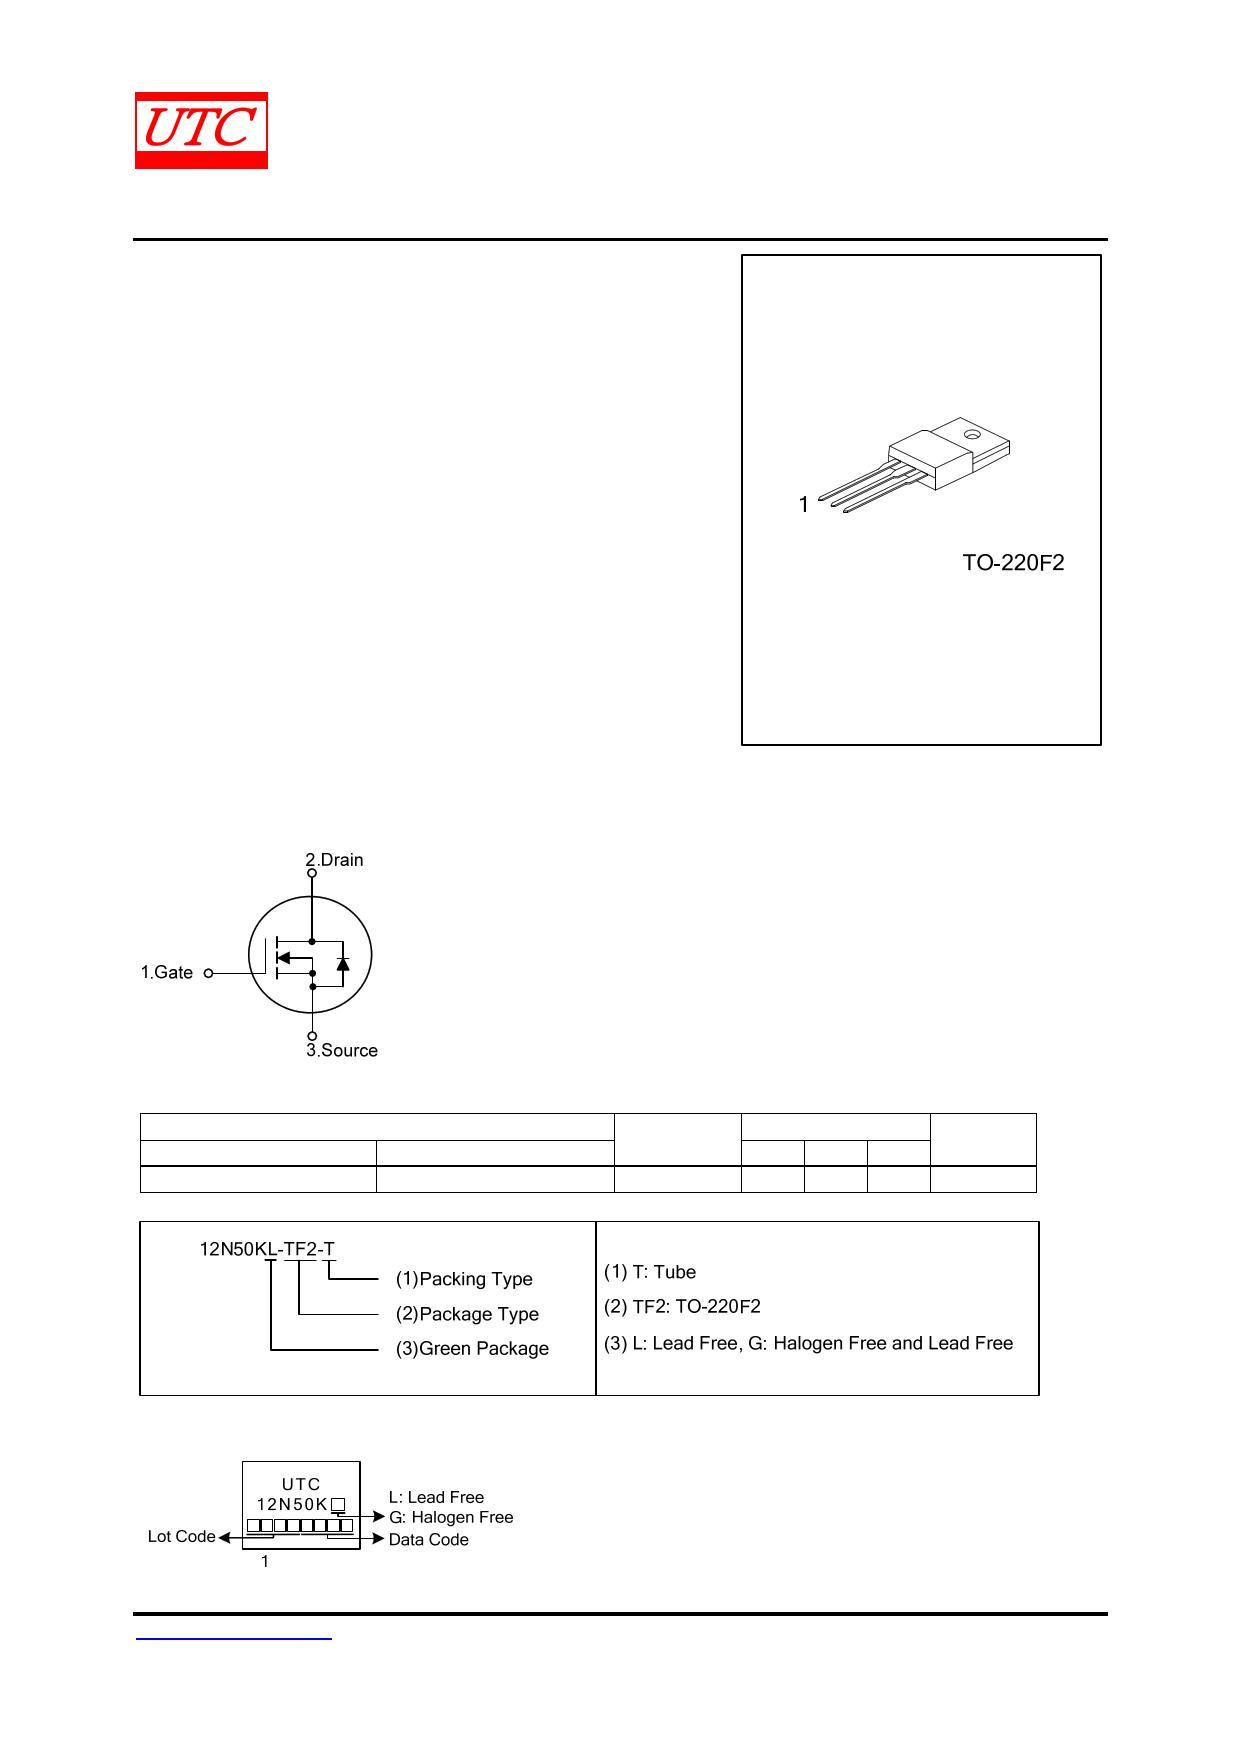 12N50K-MT datasheet